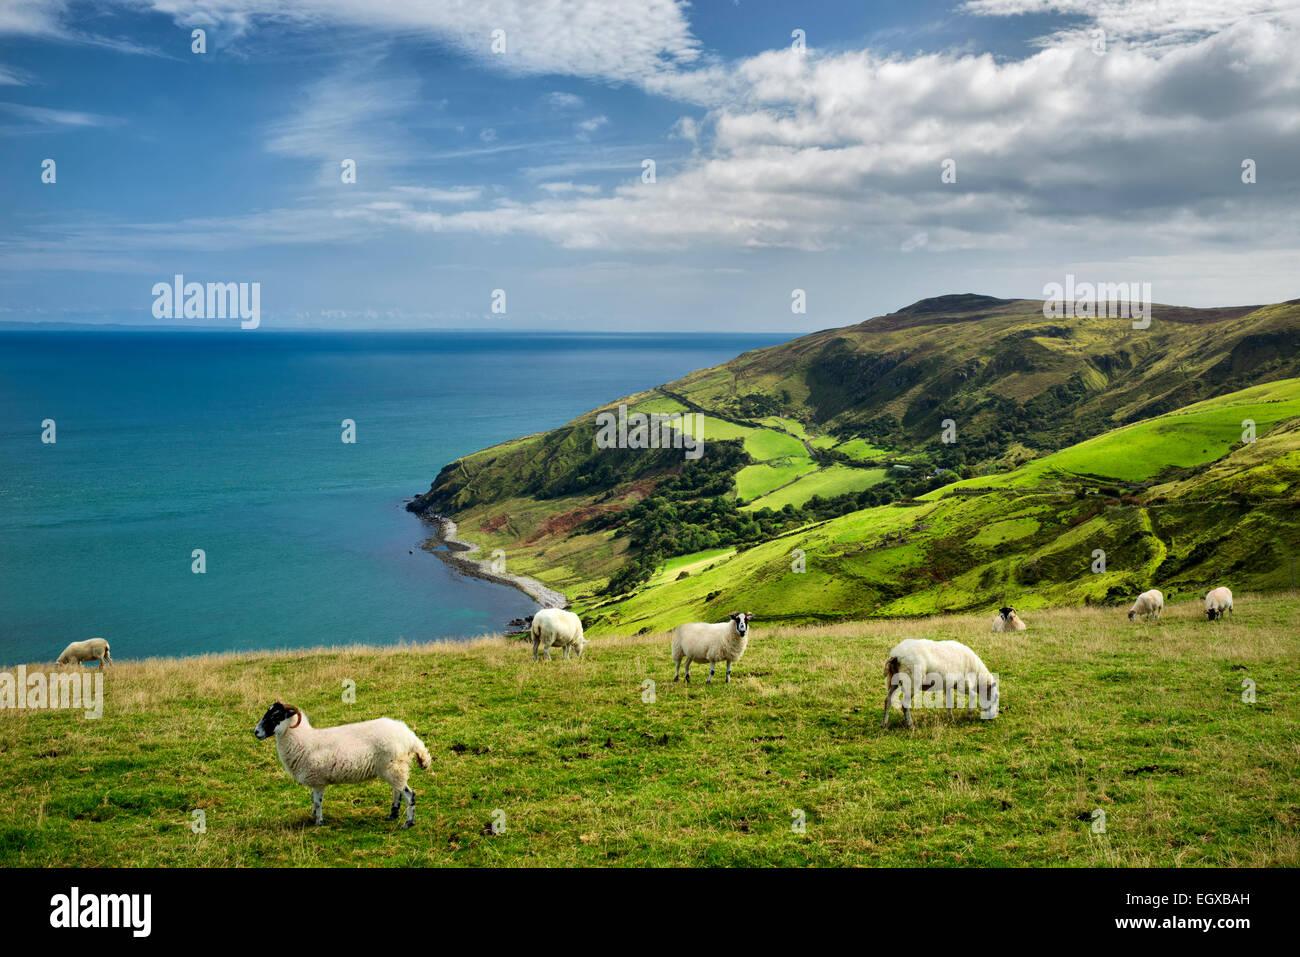 Blick vom Torr Head mit Schafbeweidung. Küste von Antrim, Nordirland Stockbild